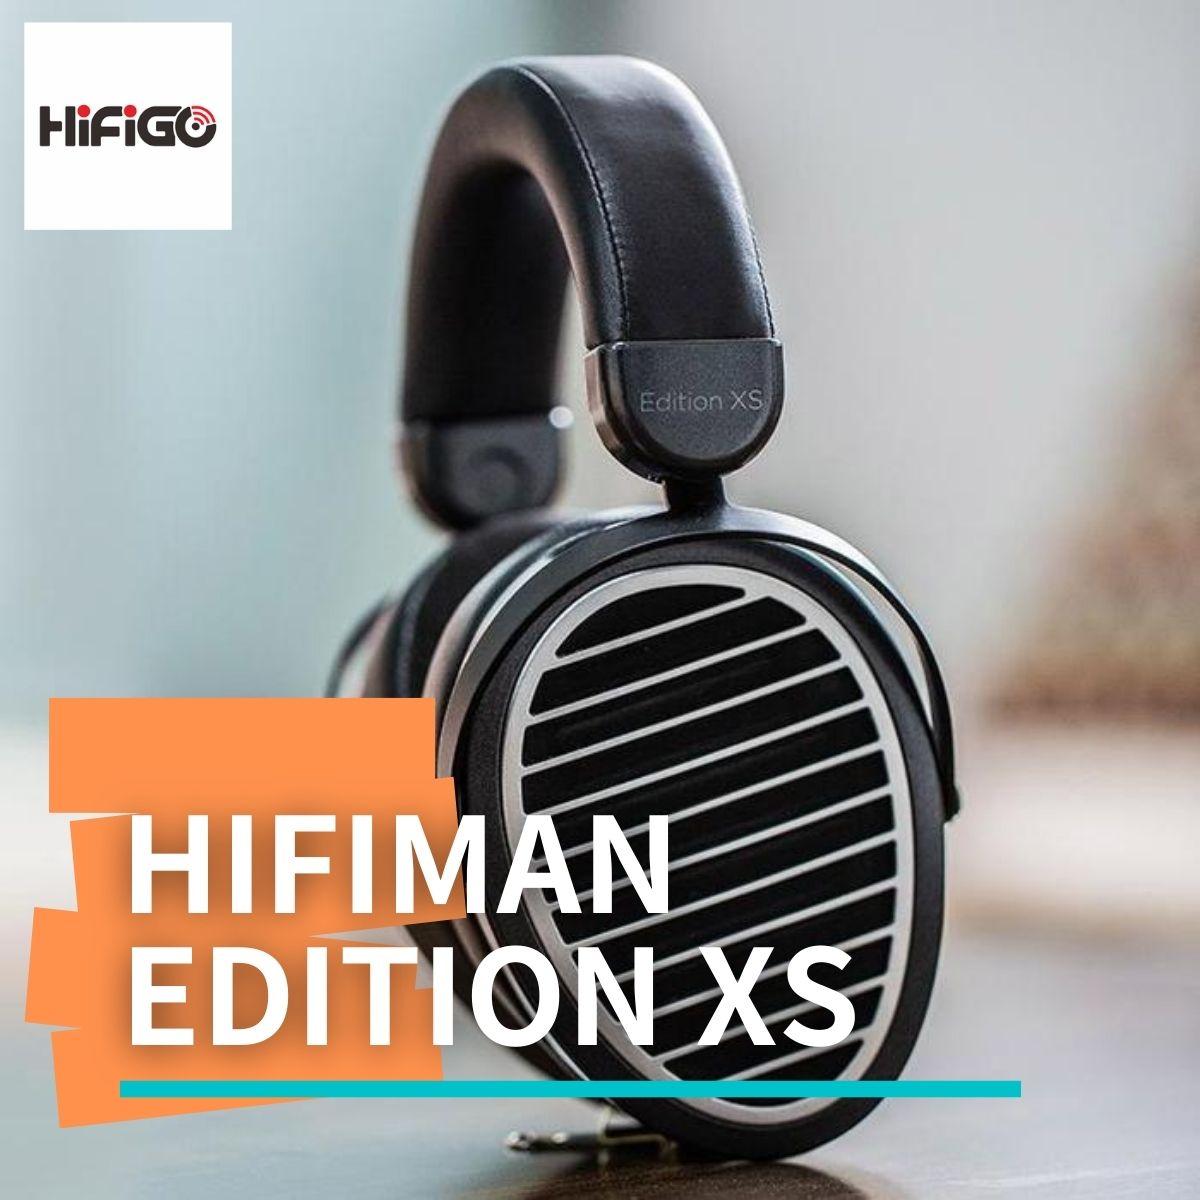 【HiFiGOニュース】HiFiMAN Edition XS:ネオ・ウルトラ薄膜振動板を搭載した最新平面磁気駆動型ヘッドホン